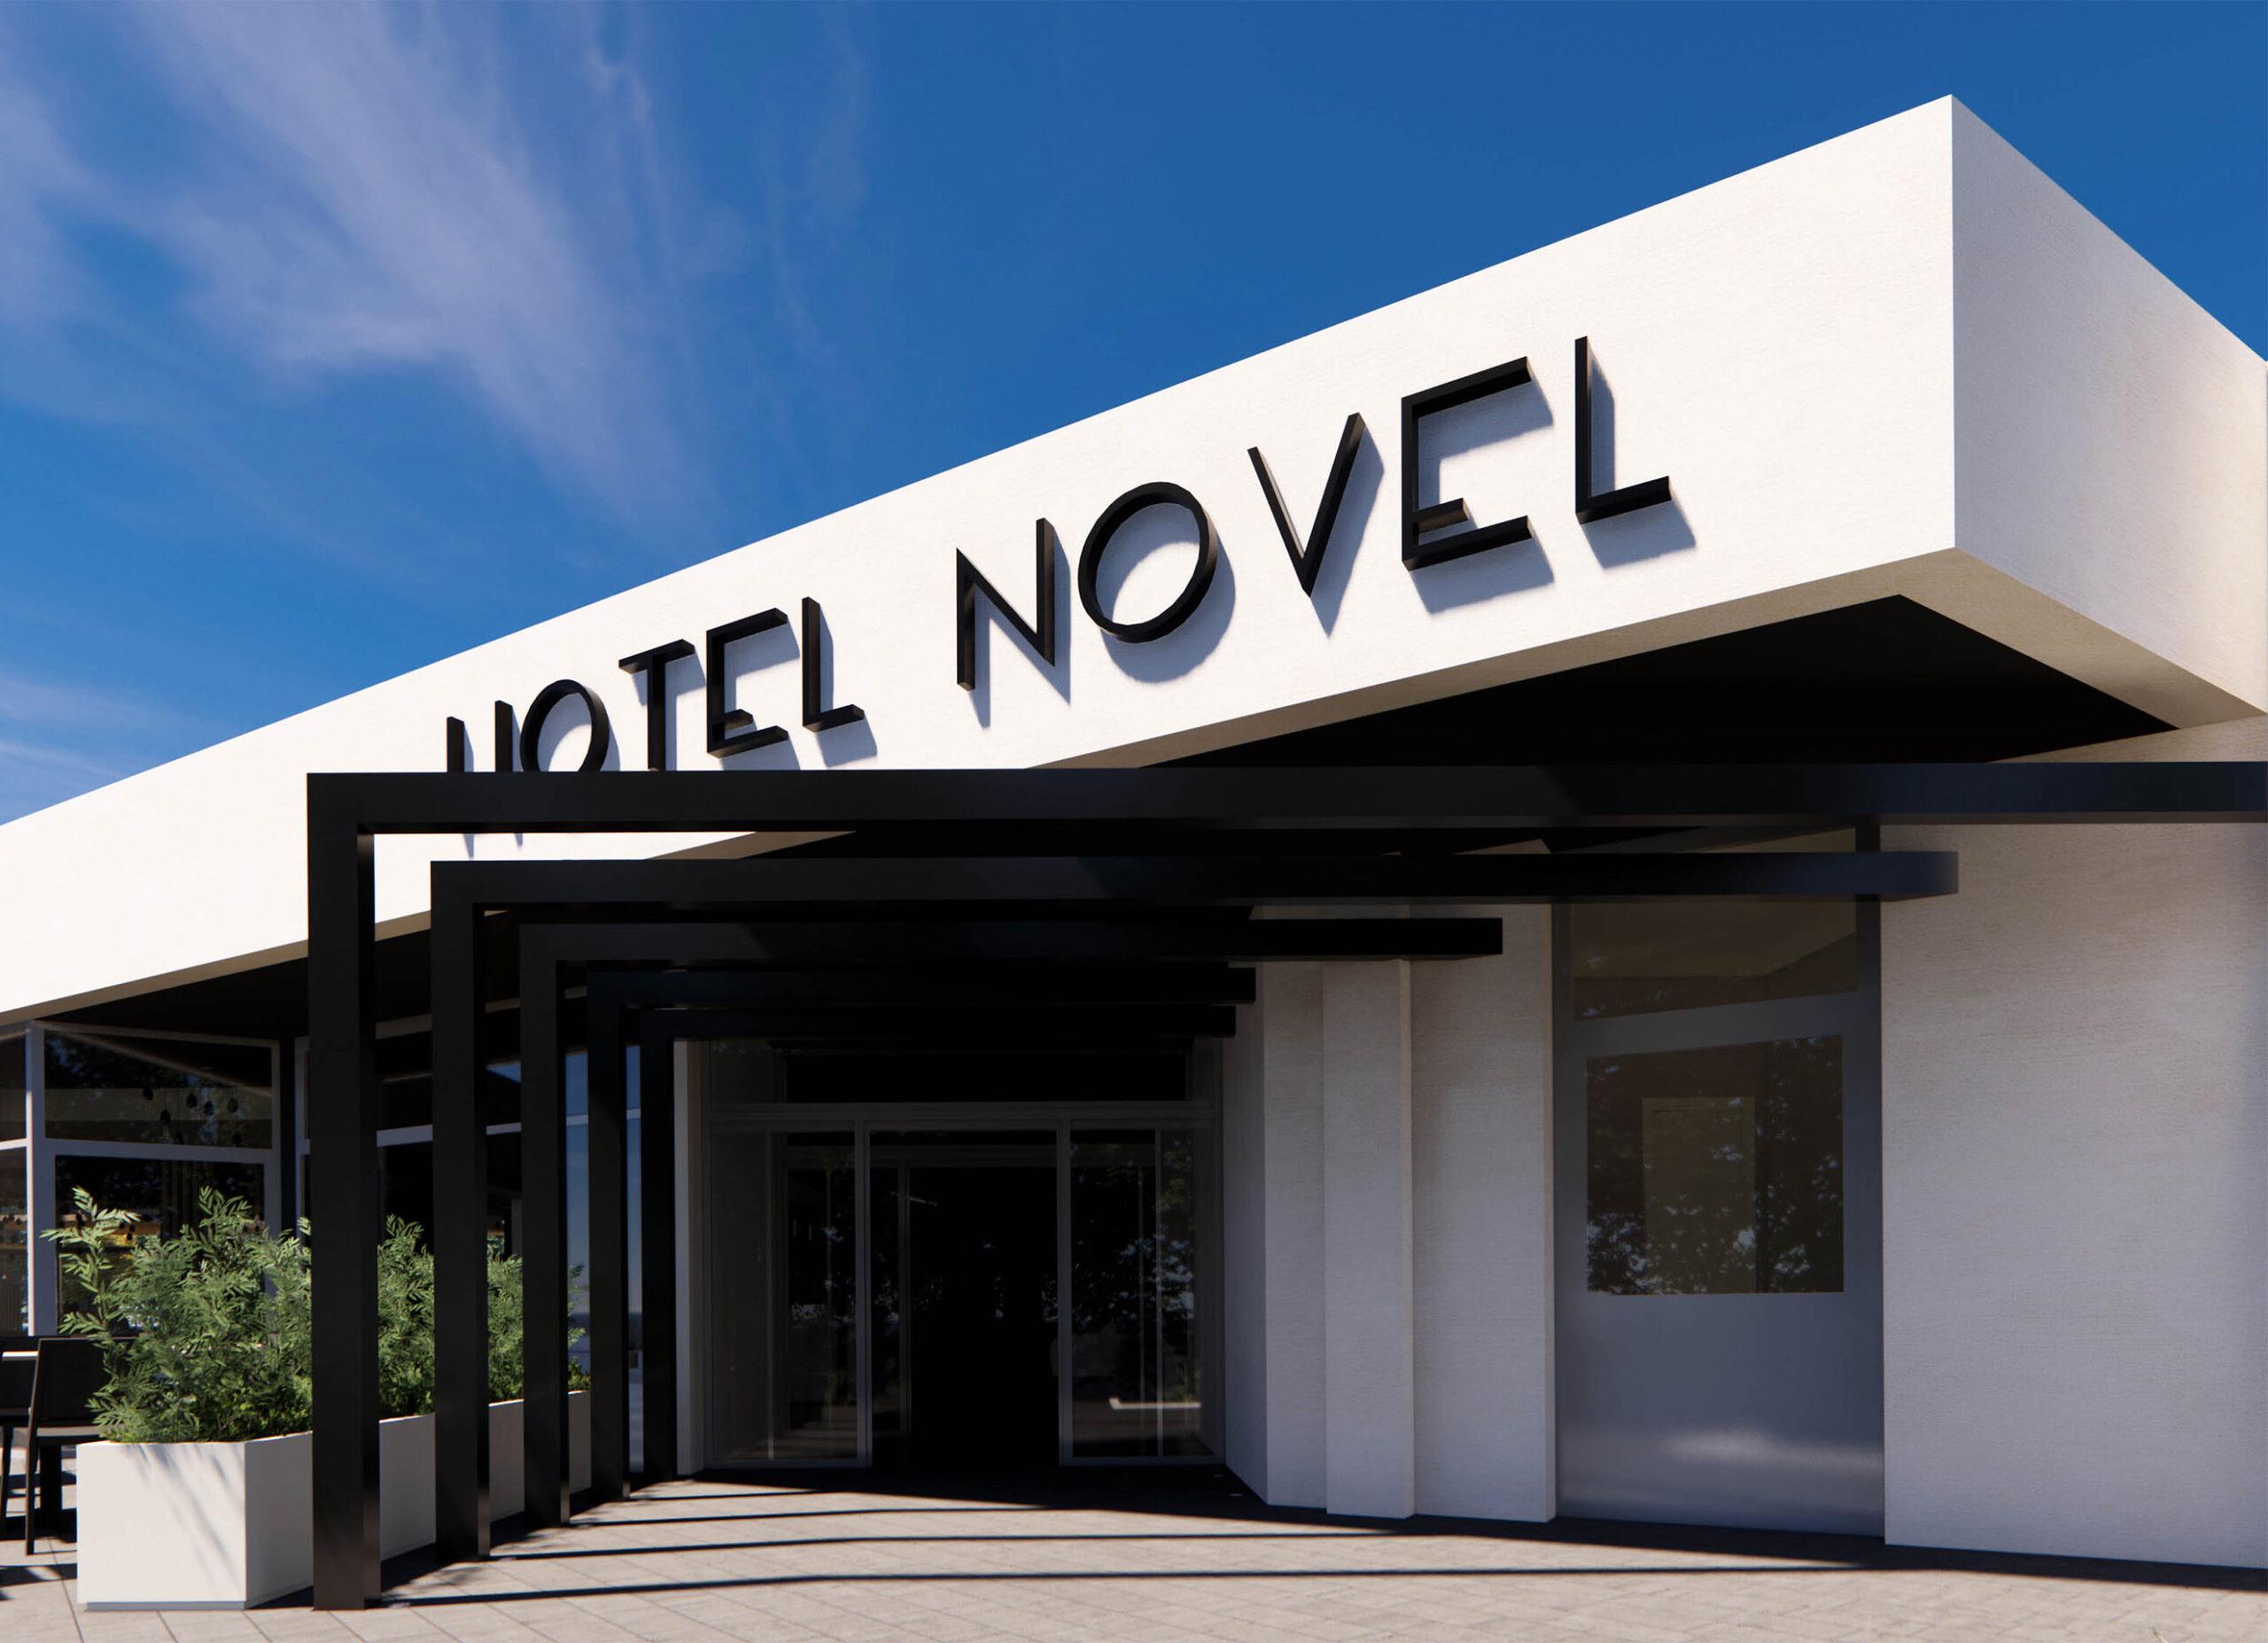 REMODELACIÓN HOTEL NOVEL